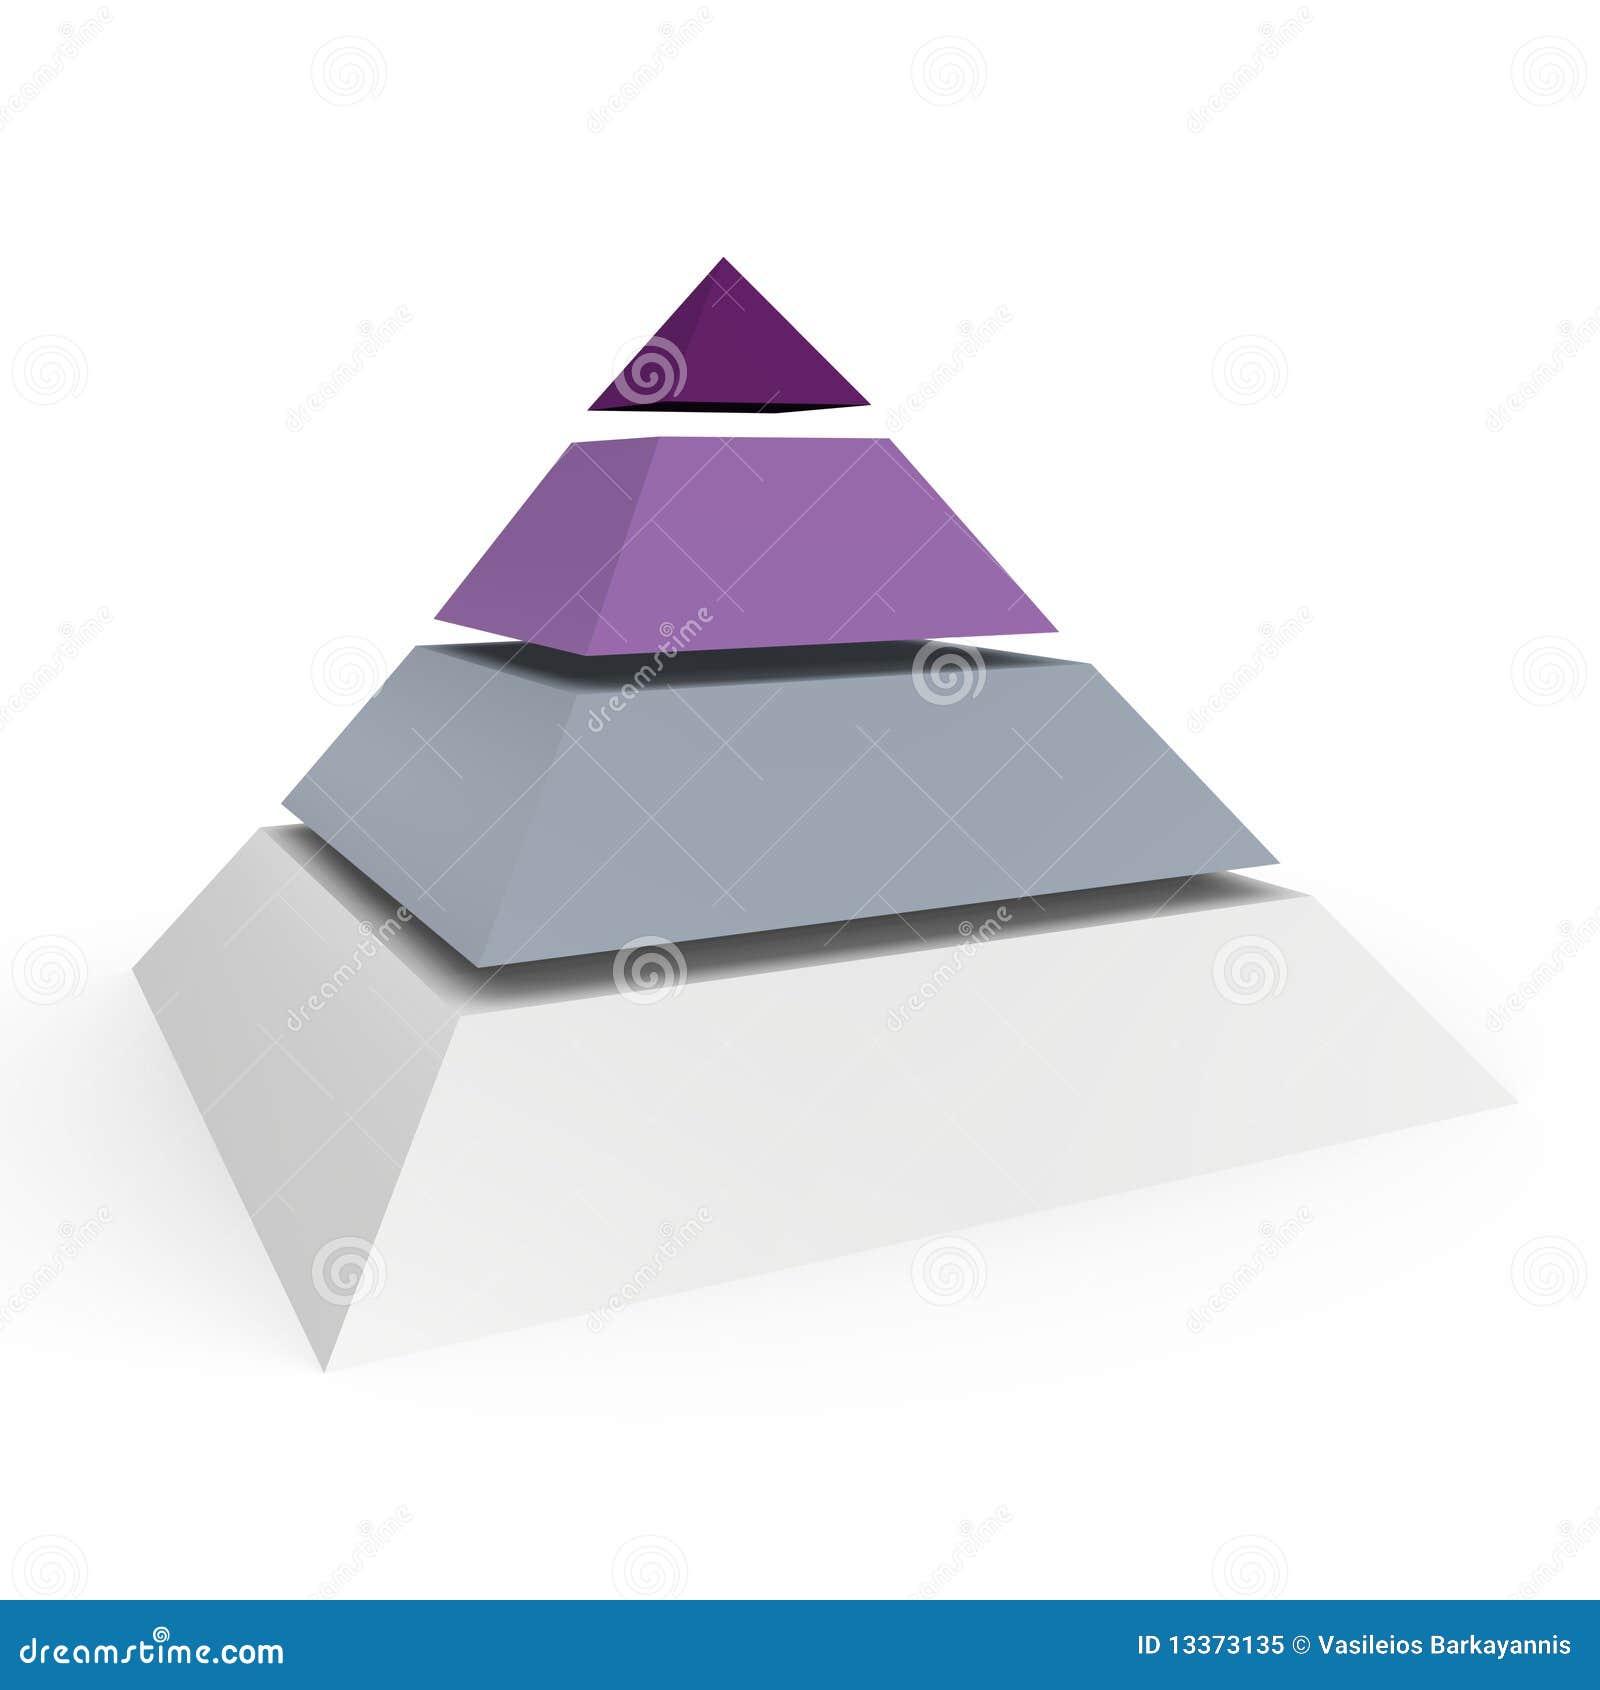 Uma pirâmide de 4 níveis - uma imagem 3d